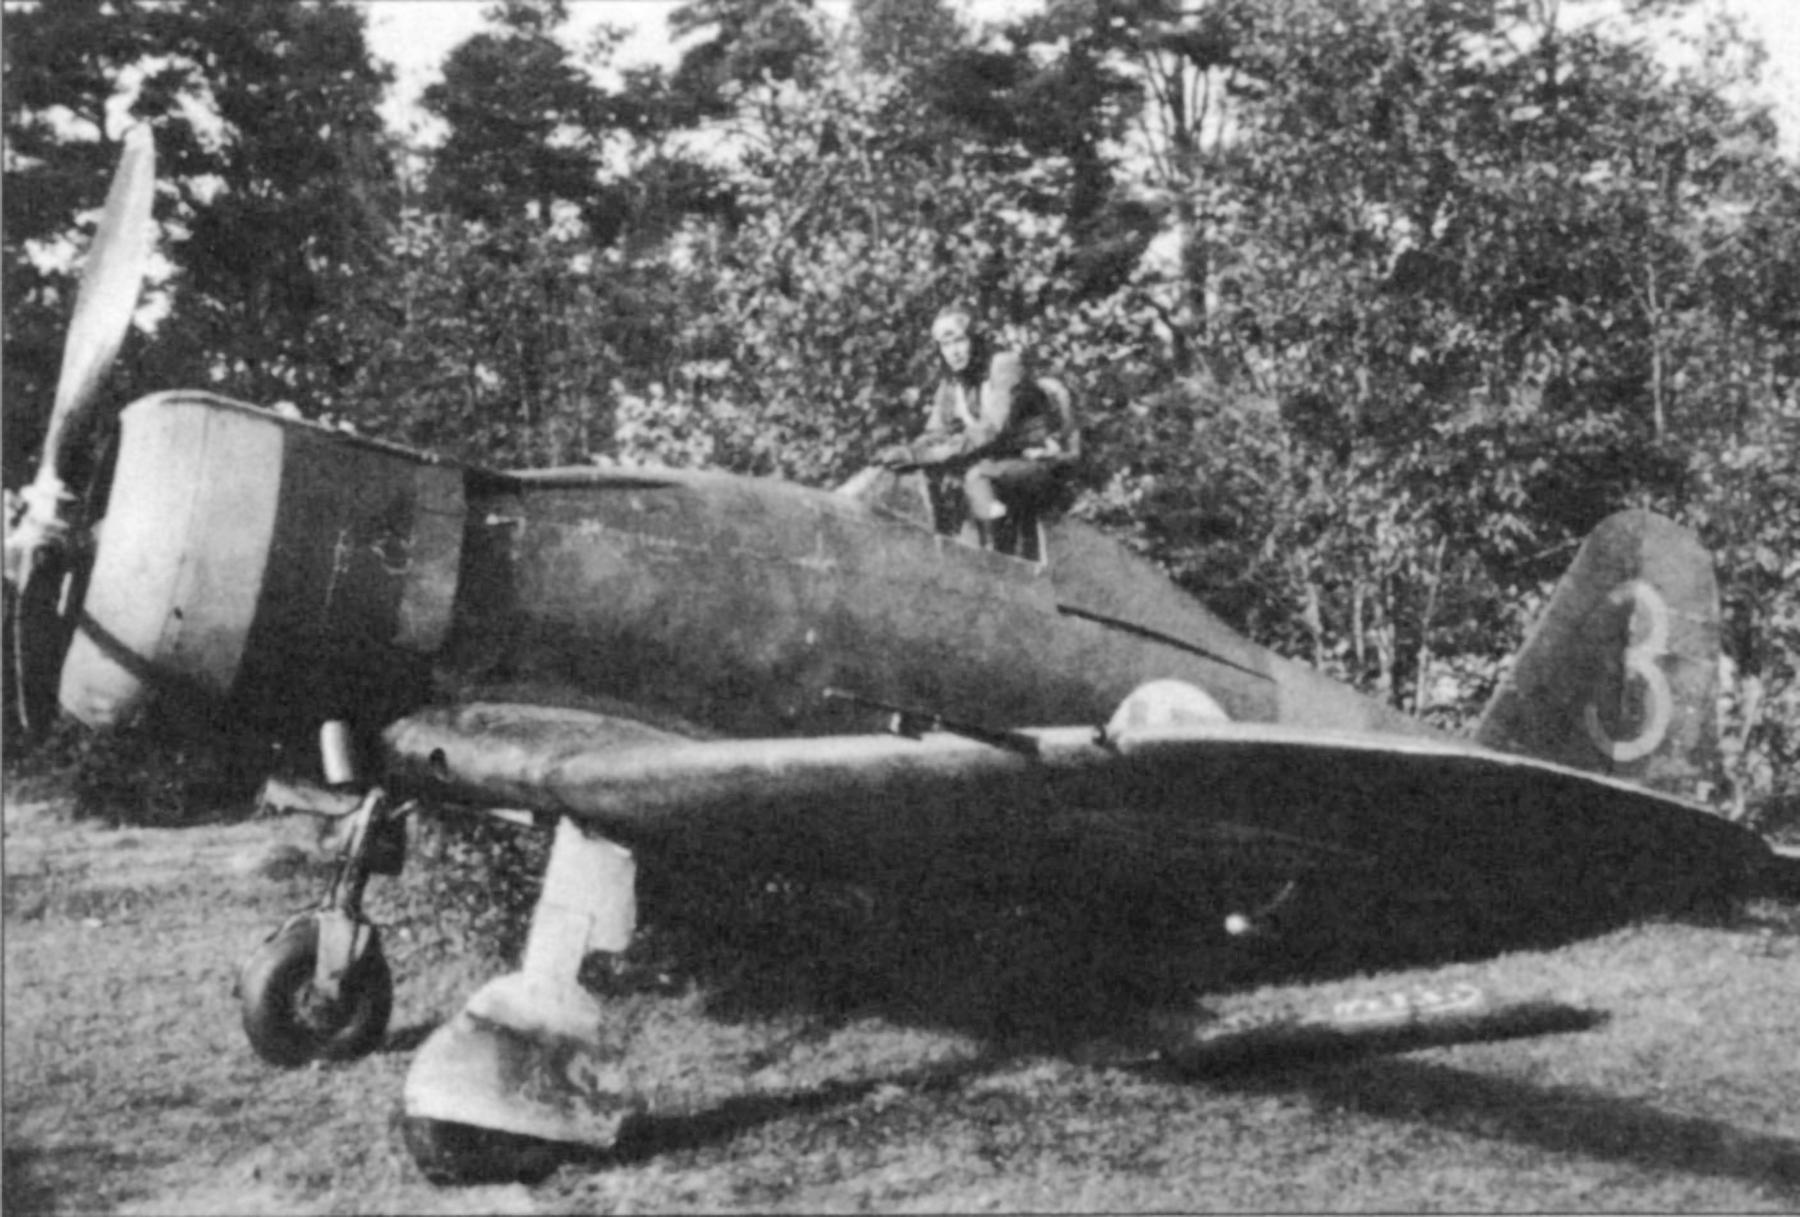 Fiat G50 Freccia FAF 3.LeLv26 FA6 MM4727 Kersantti T. Bergman Lunkula Sep 1941 Revi 29 P17